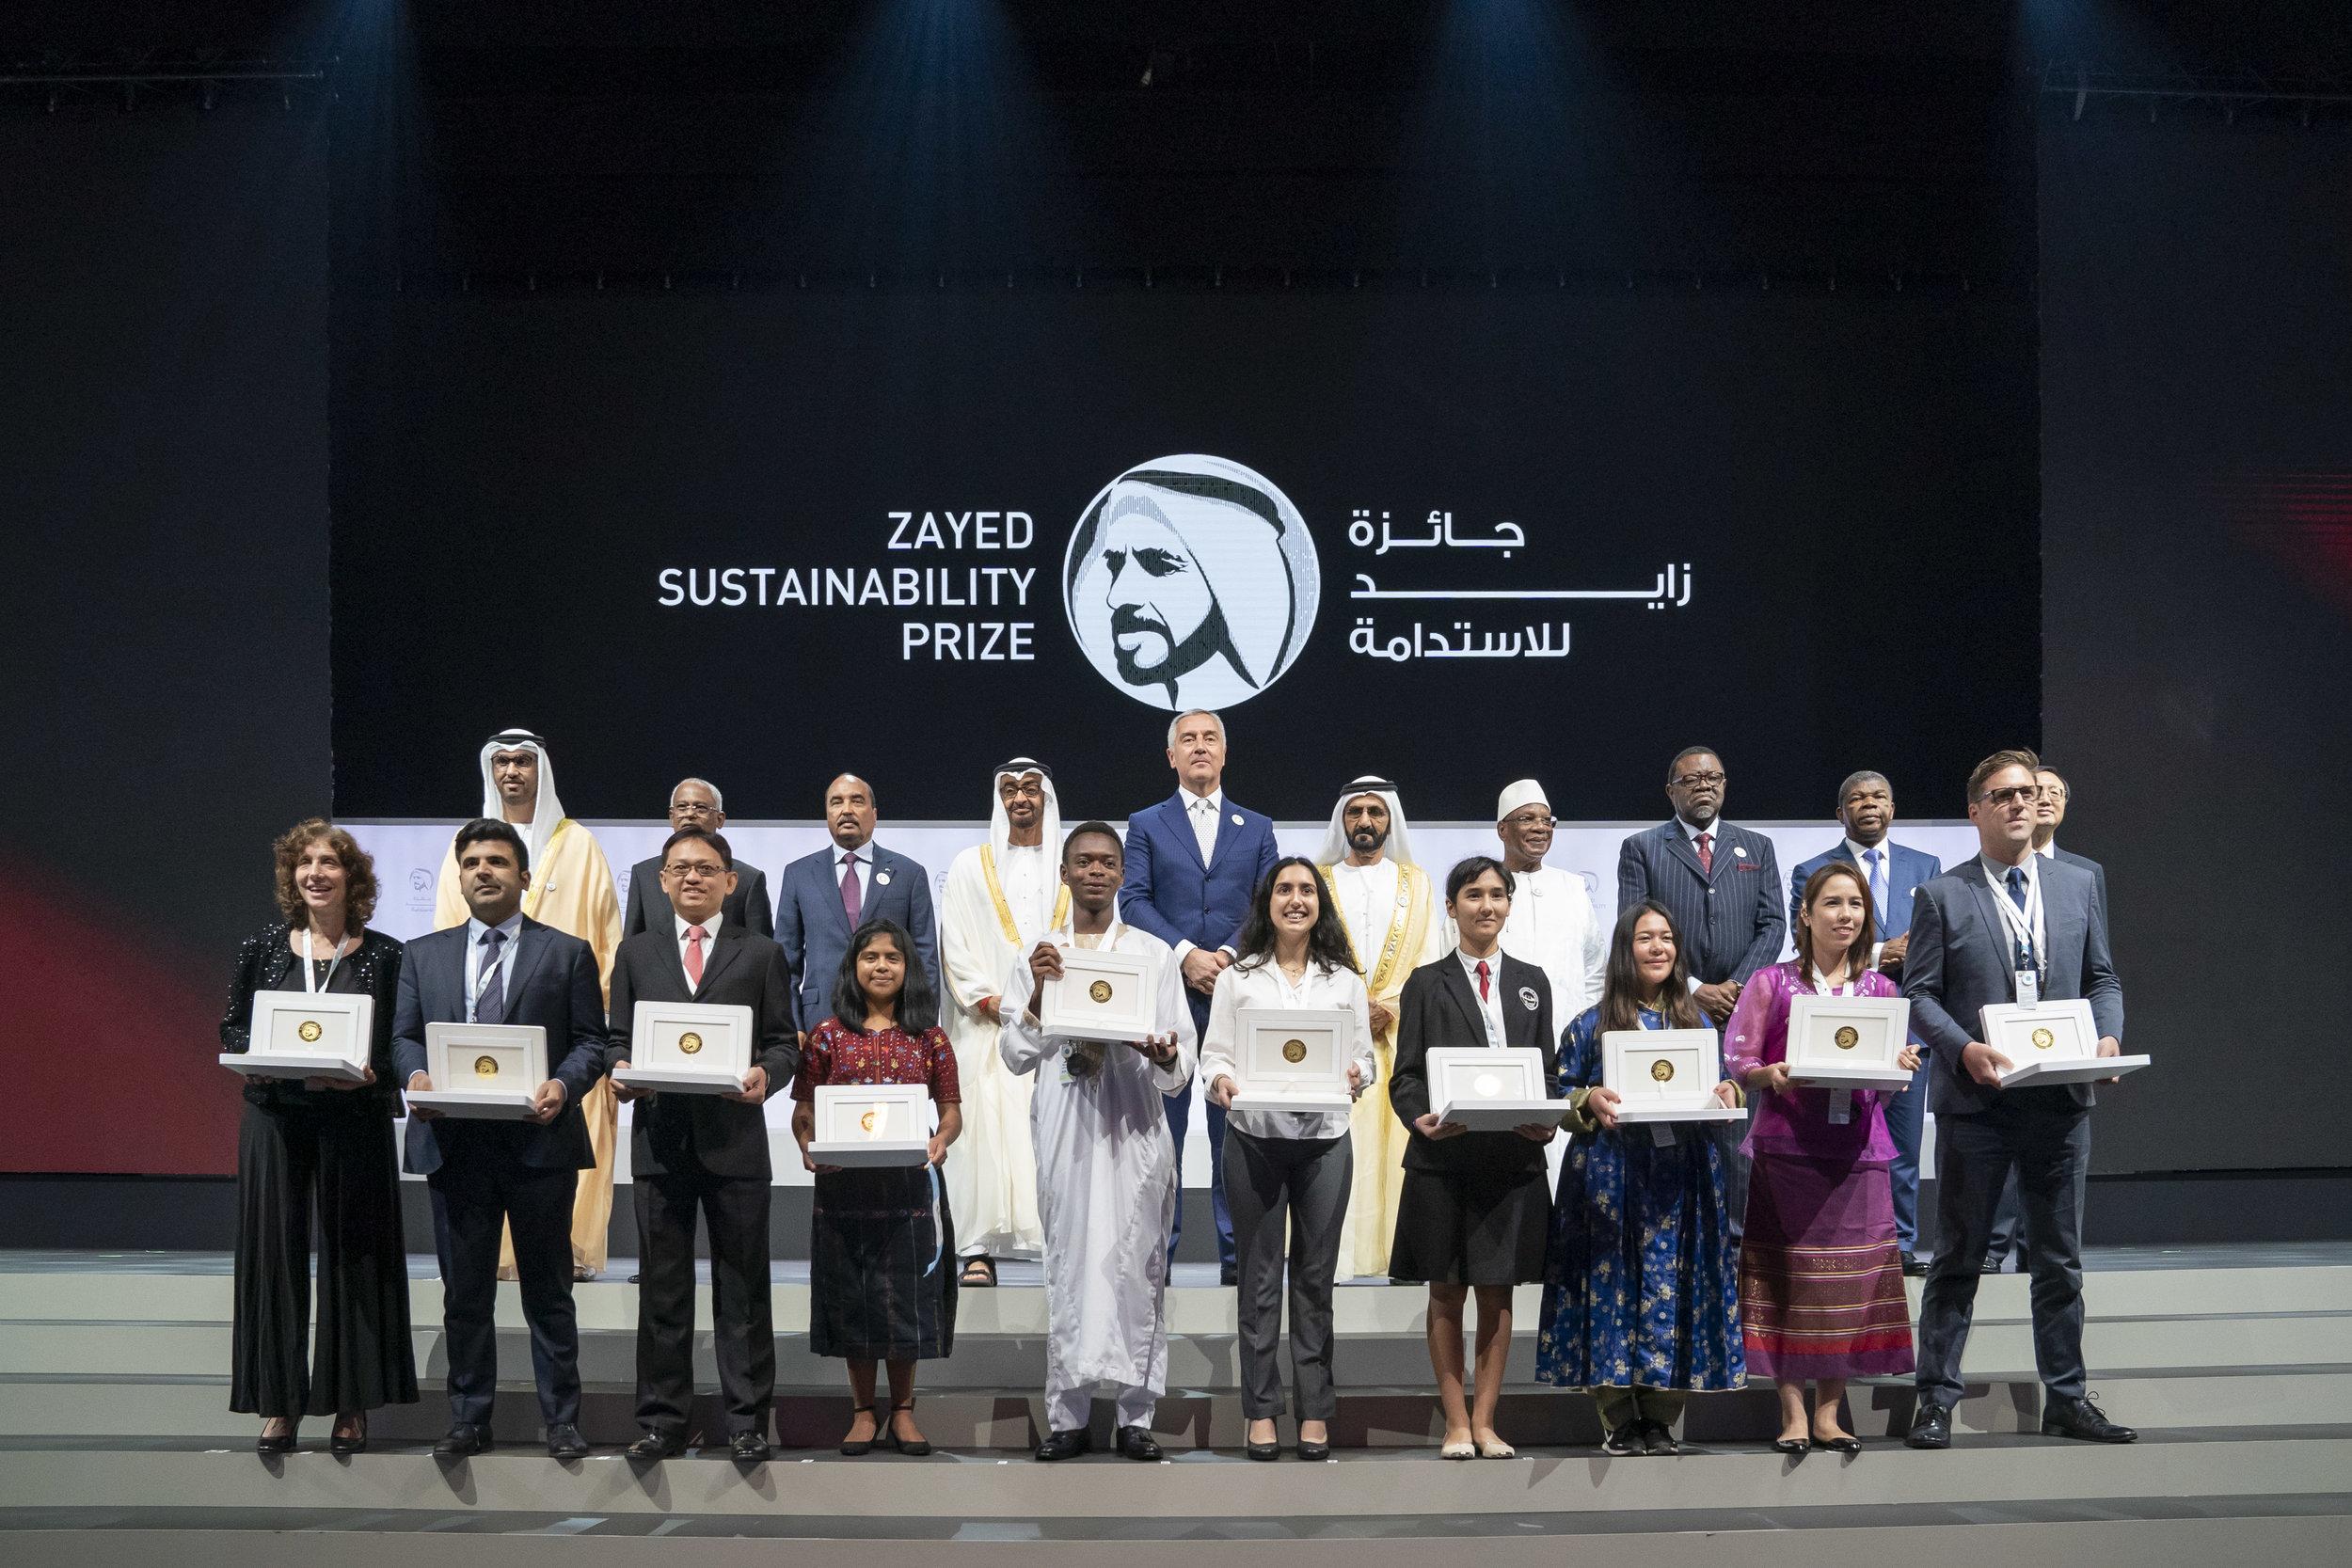 Foto: Zayed Sustainability Prize 2019